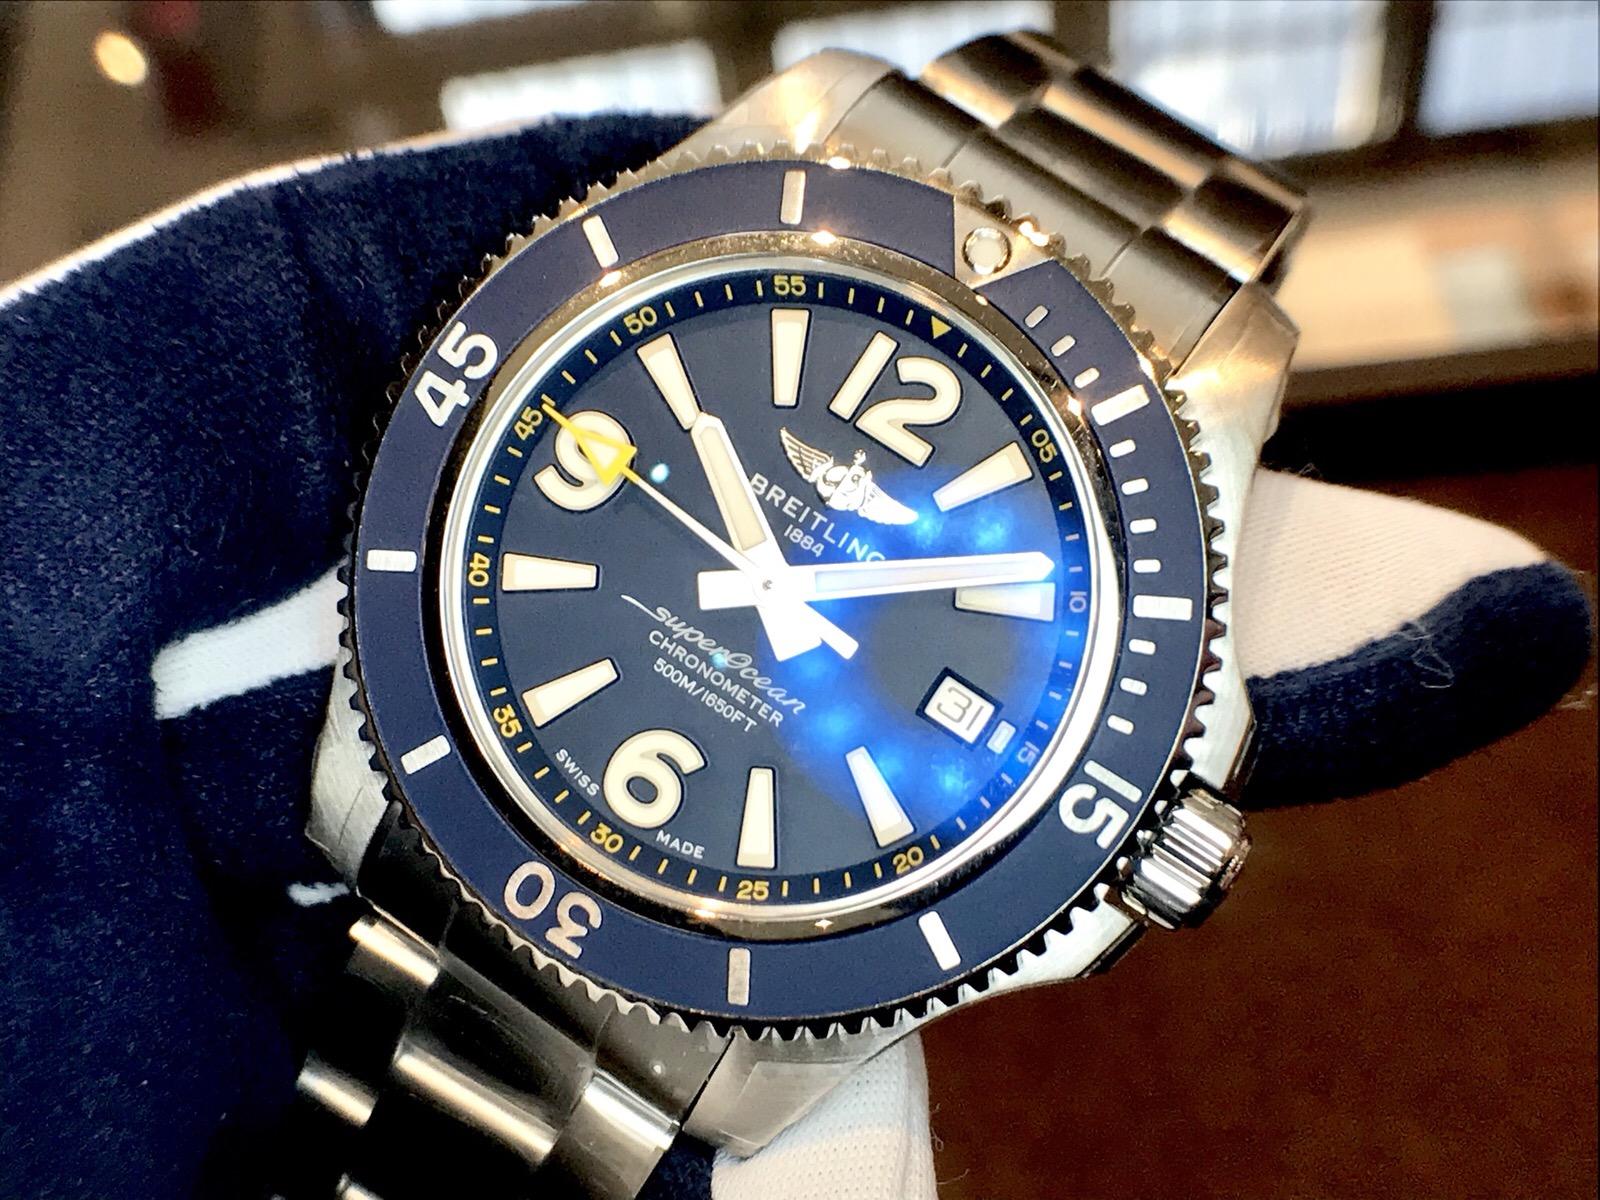 ブライトリングの腕時計 スーパーオーシャン 日本限定モデル